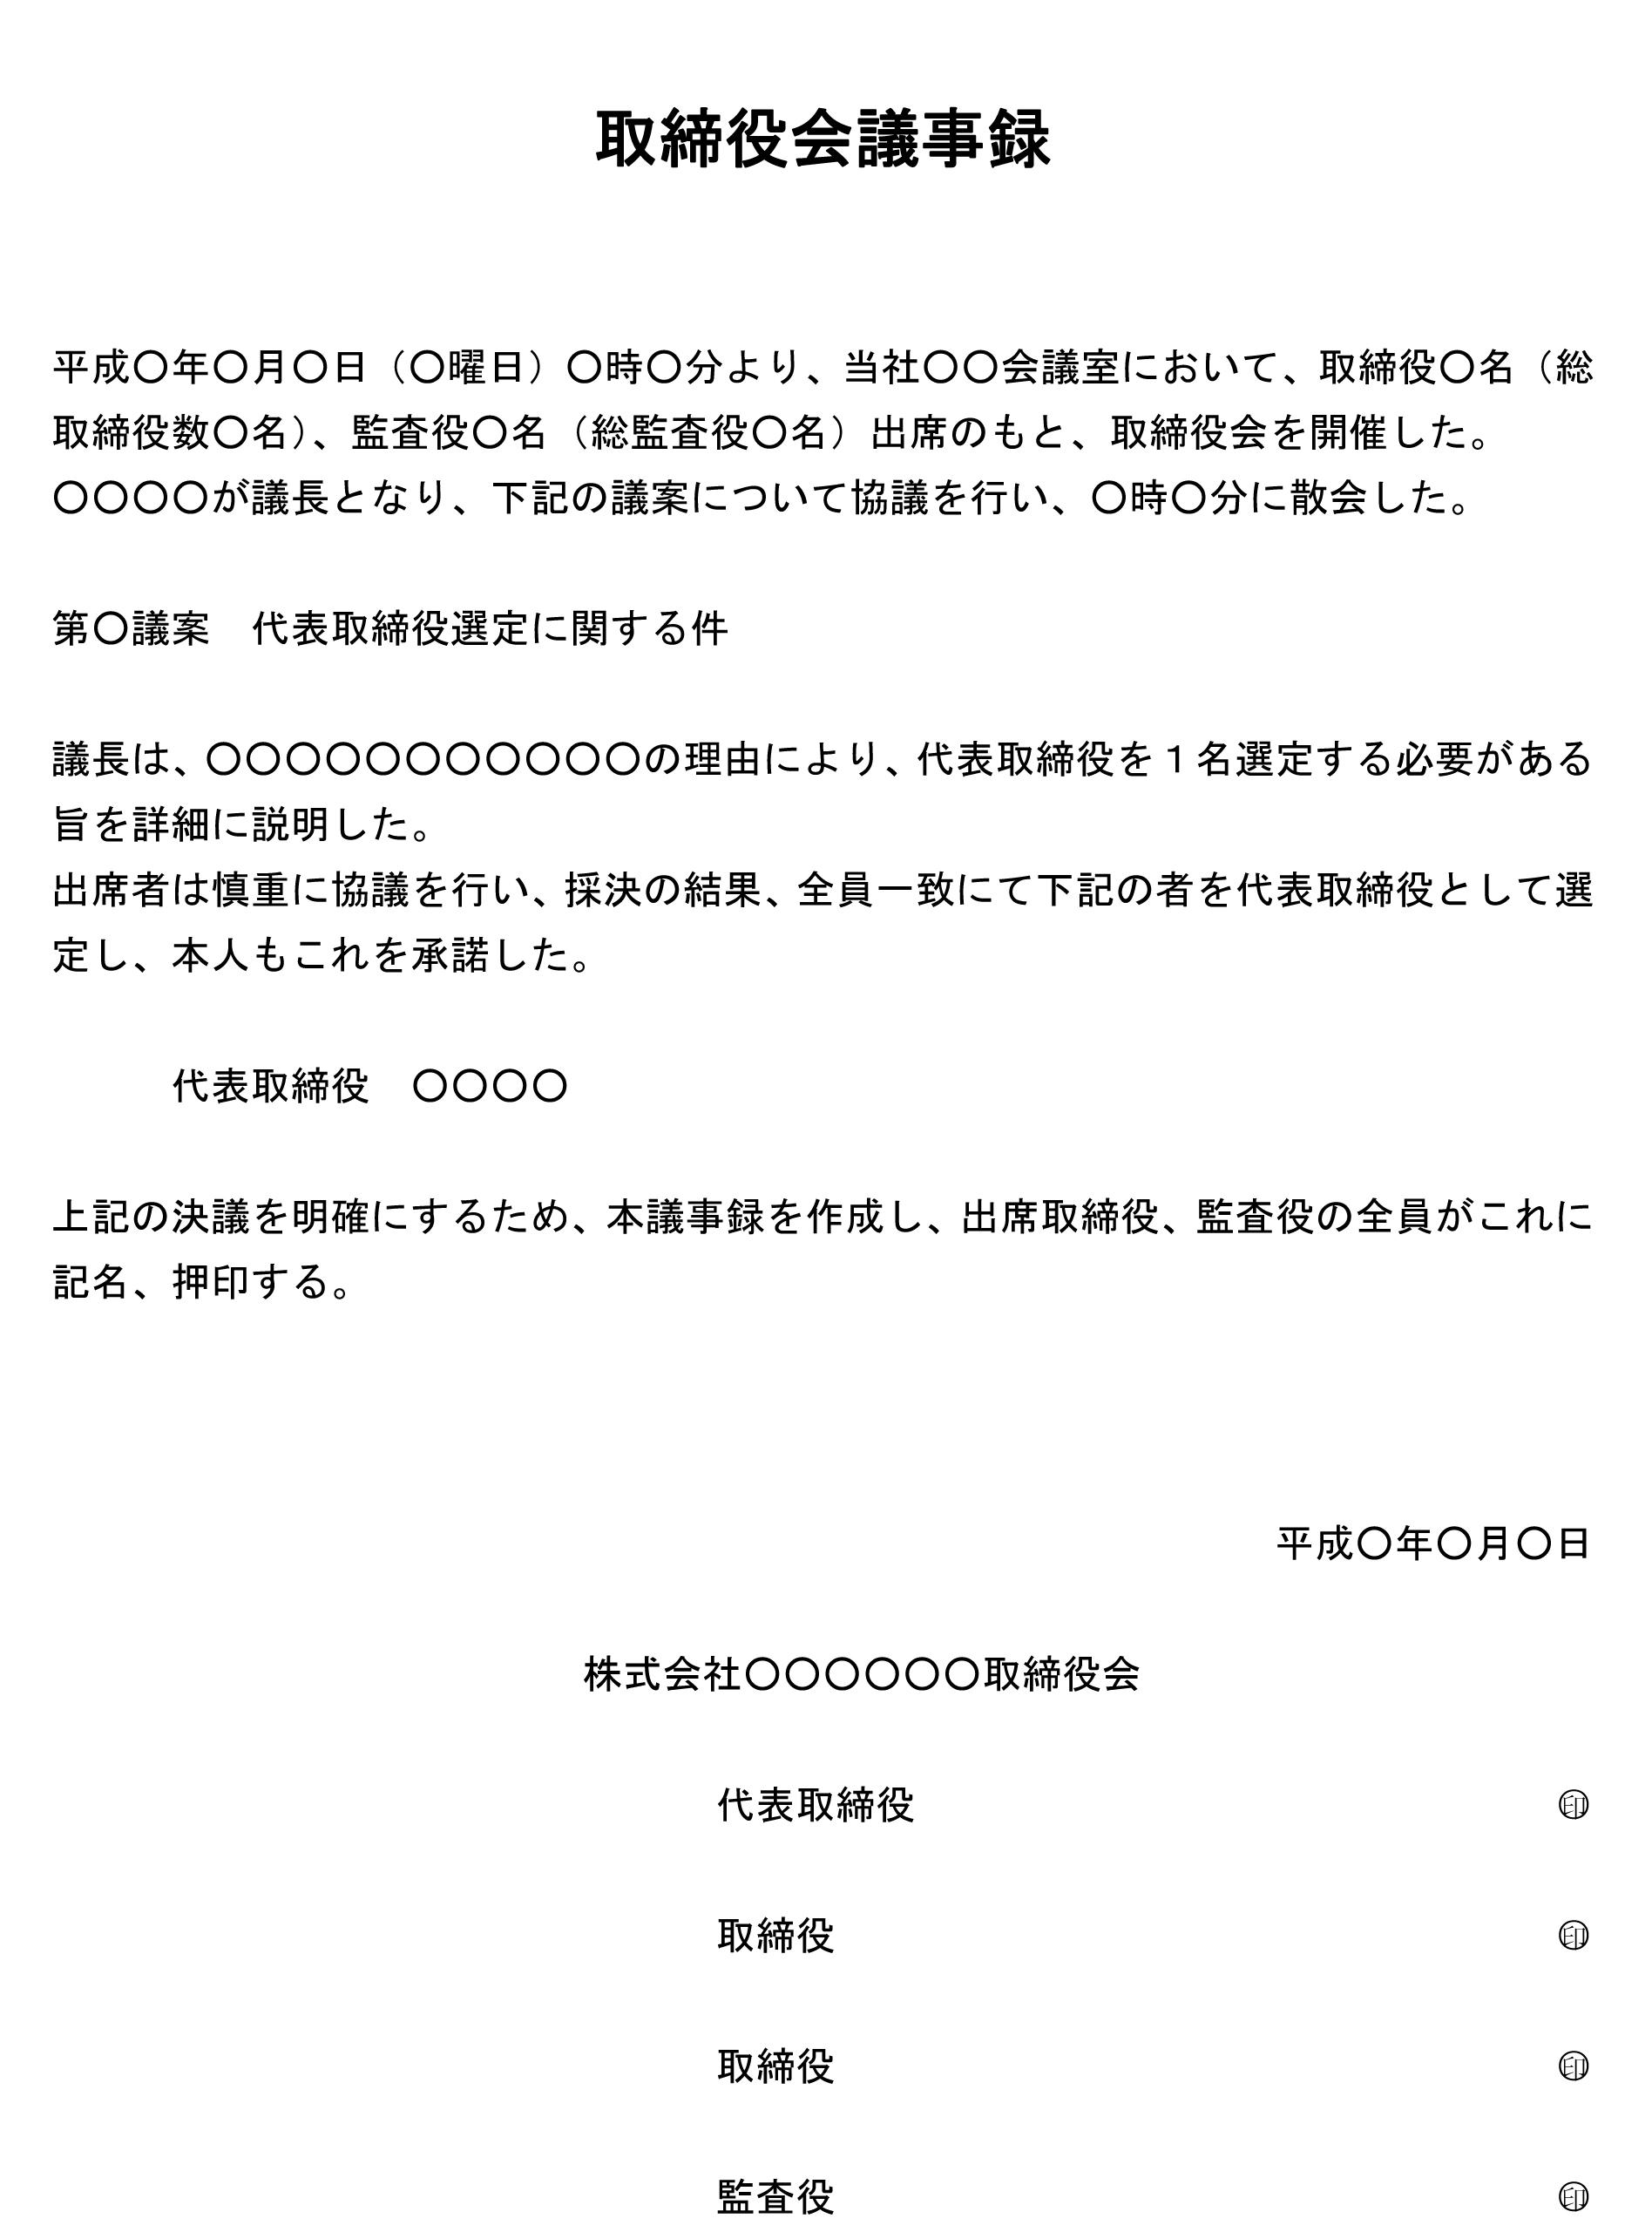 取締役会議事録(代表取締役の選定)02